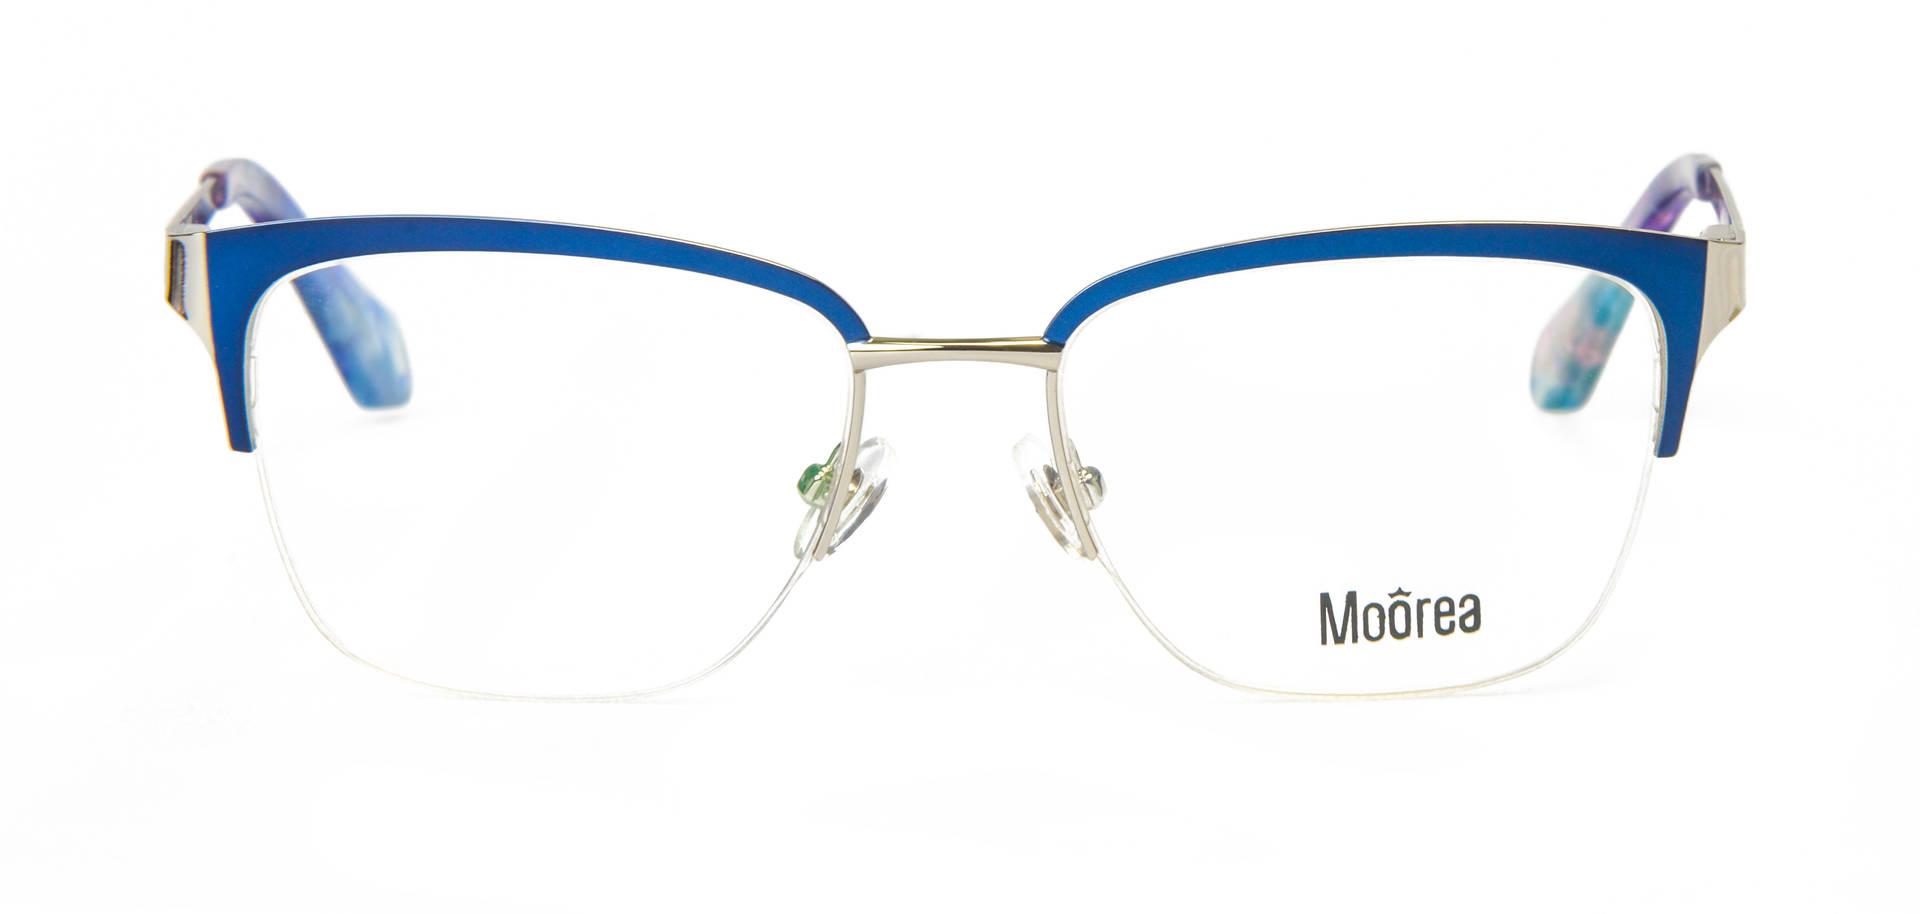 7R2-MOOREA-04-C2